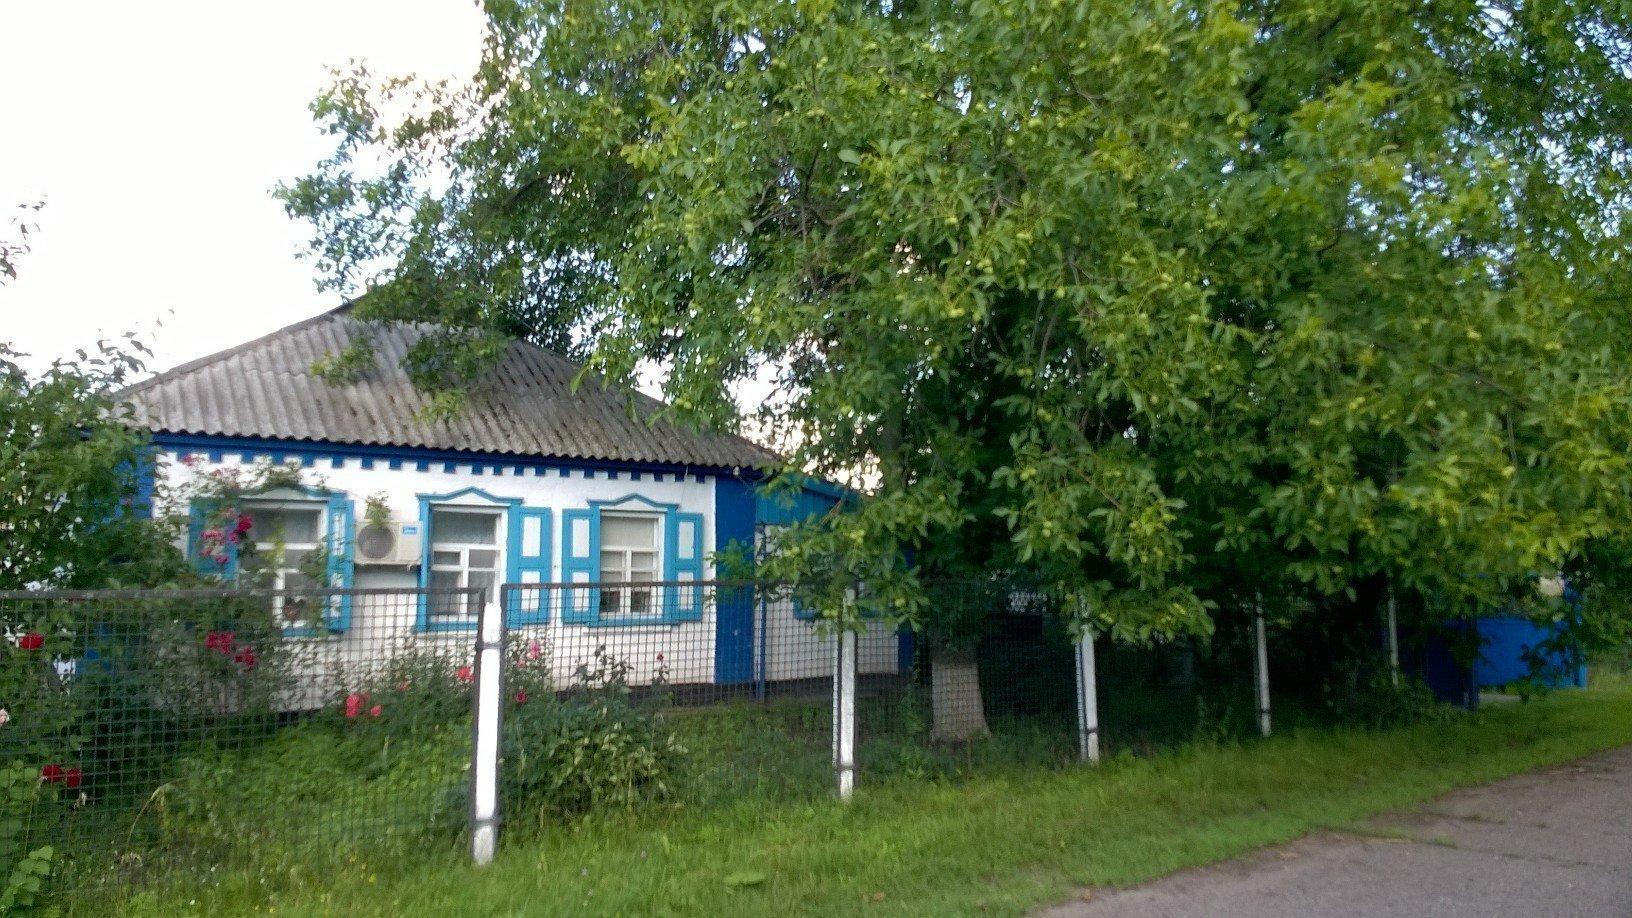 Фото: Продам дачу в городе Литвиновка. Объявление № 5043